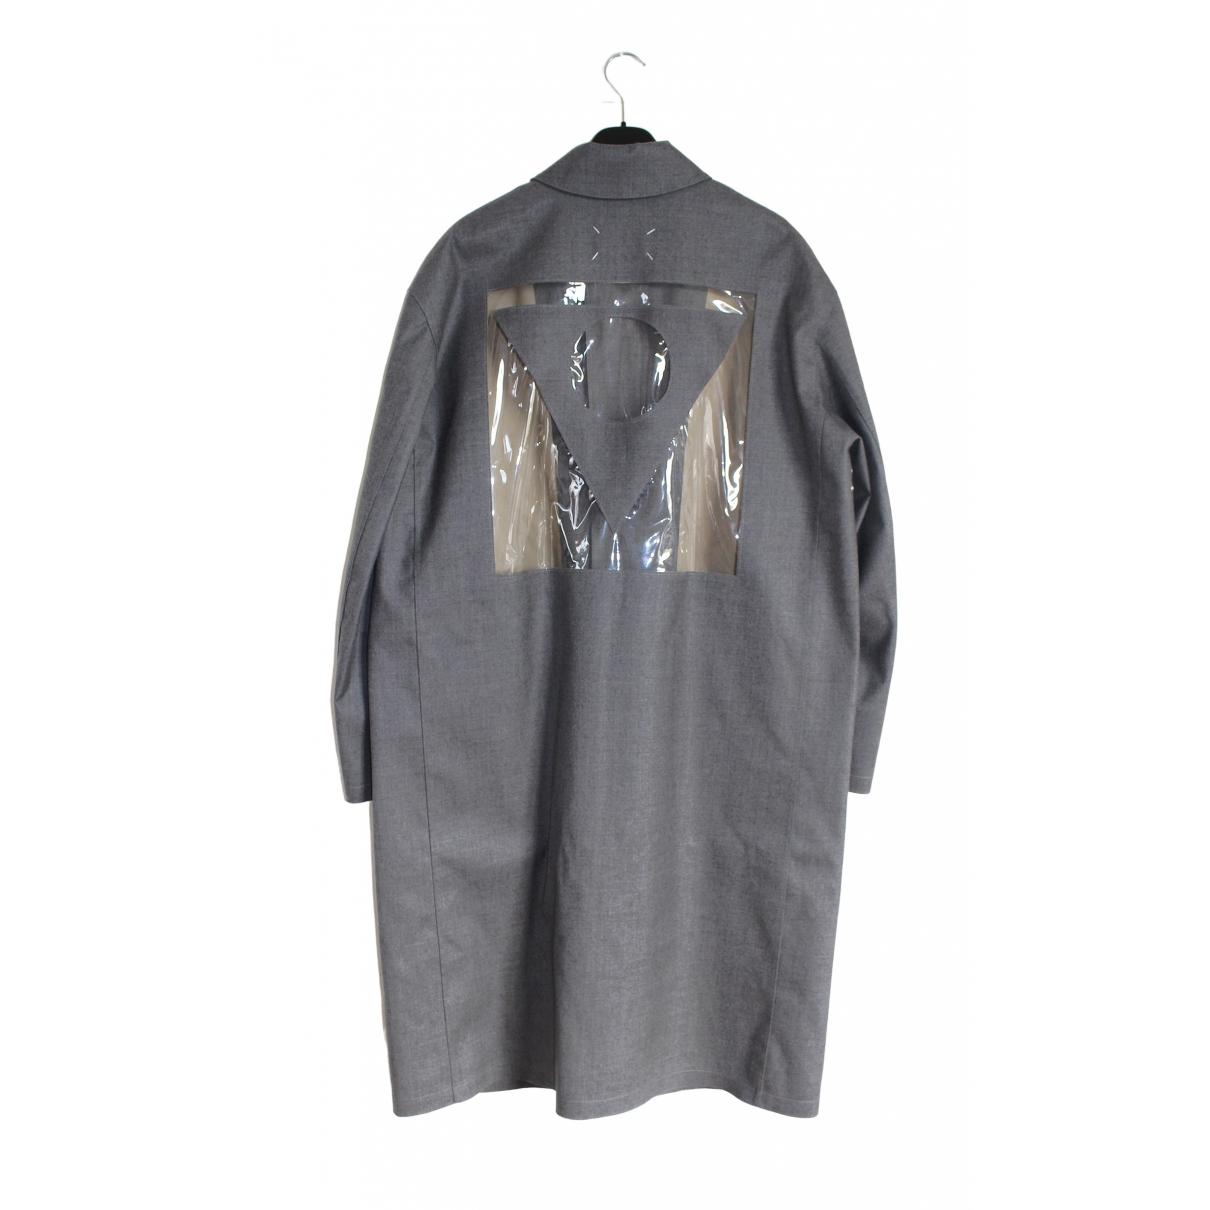 Maison Martin Margiela - Manteau   pour homme en laine - gris